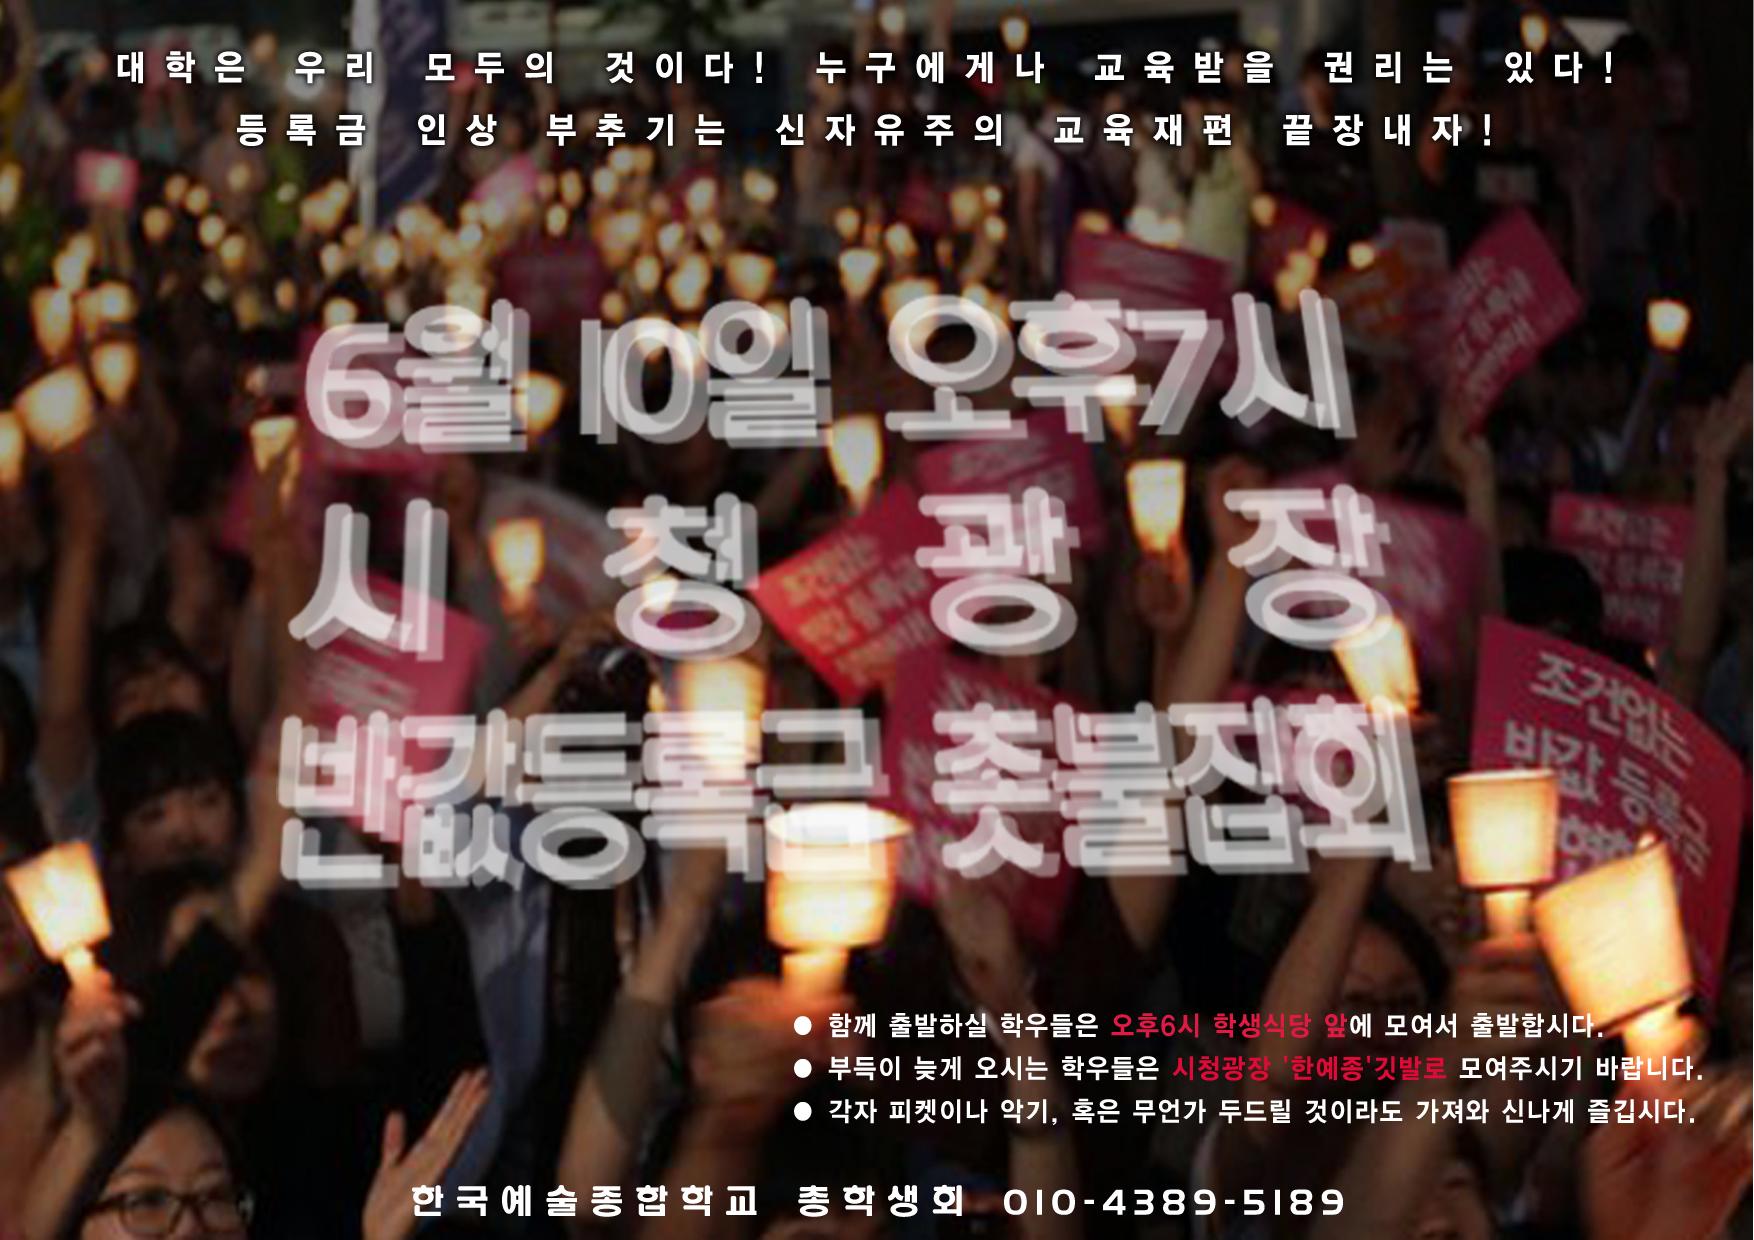 6월 10일 오후7시 시청광장 반값등록금 촛불집회